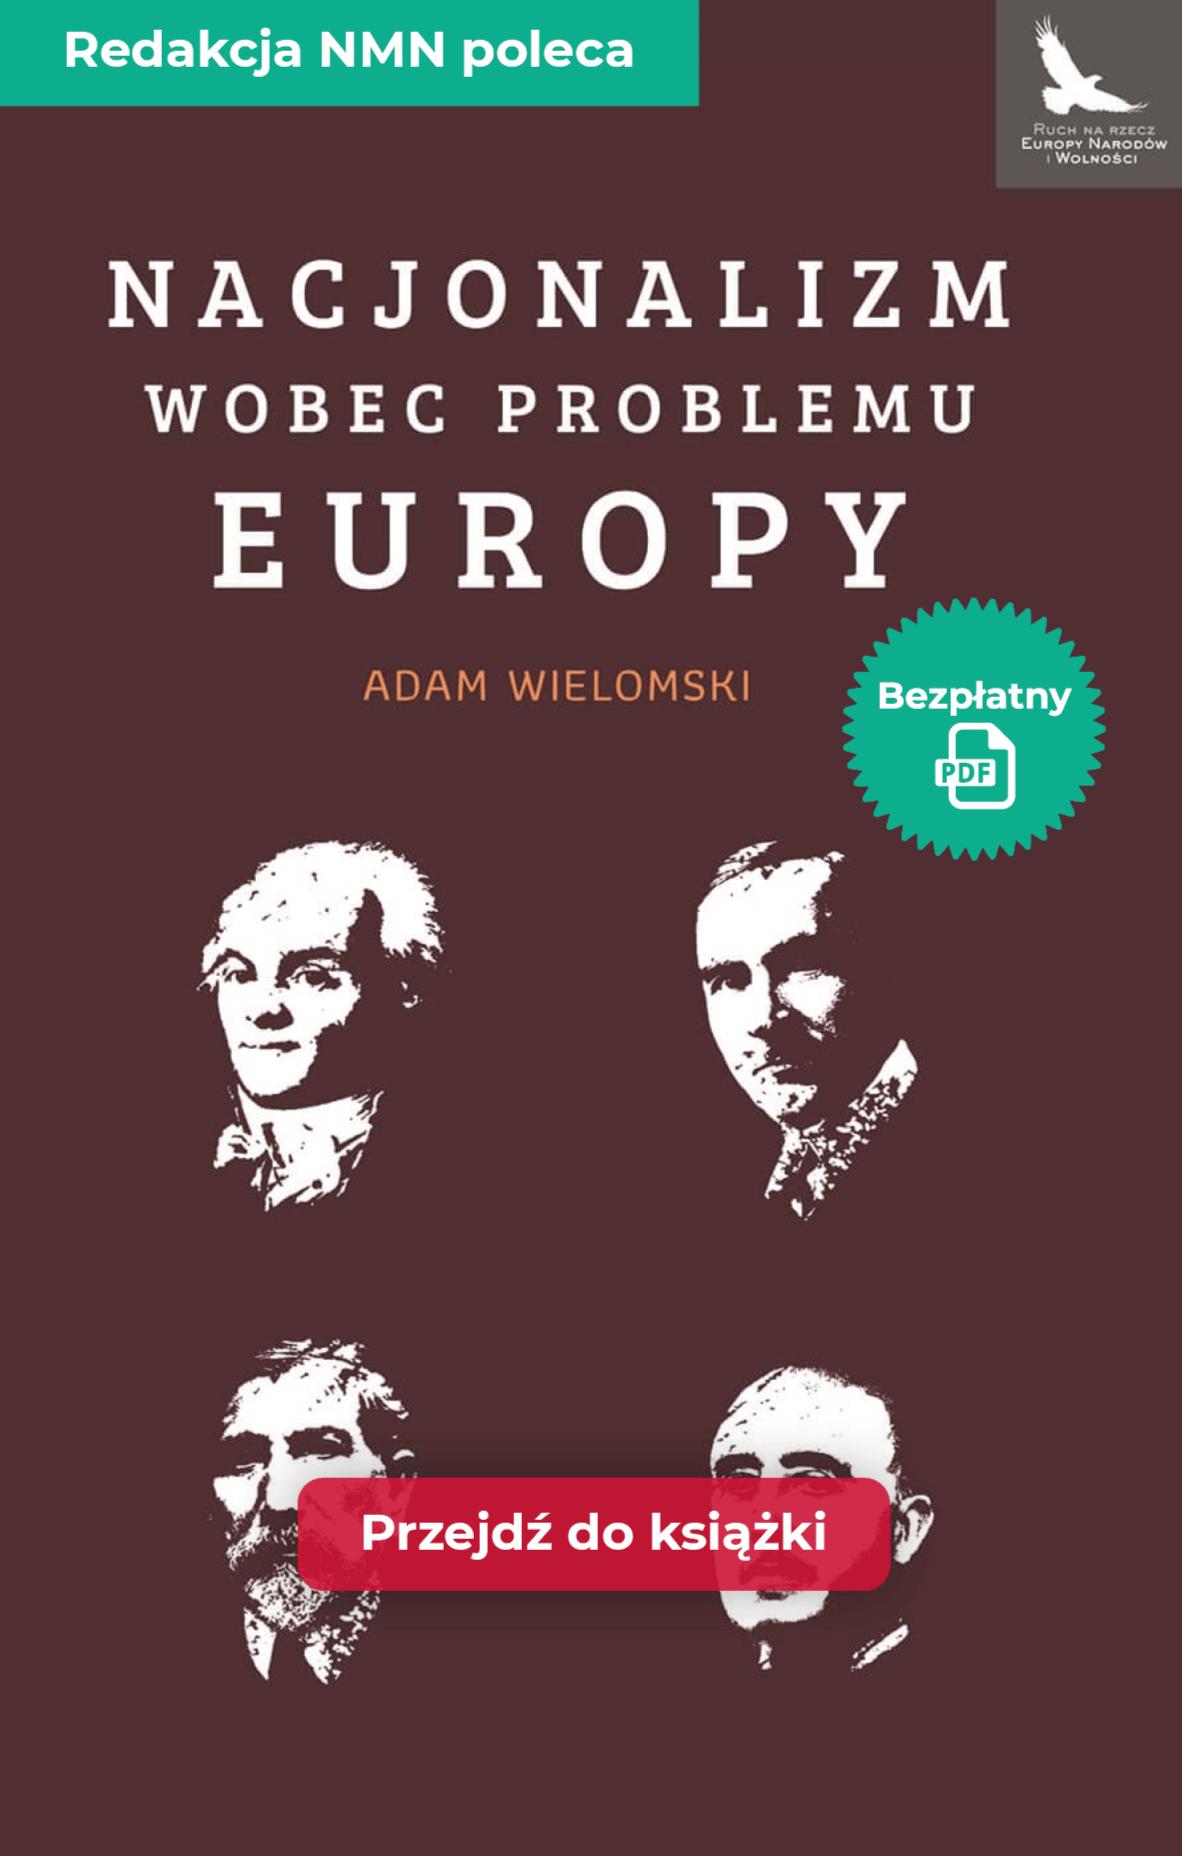 Nacjonalizm wobec problemu Europy